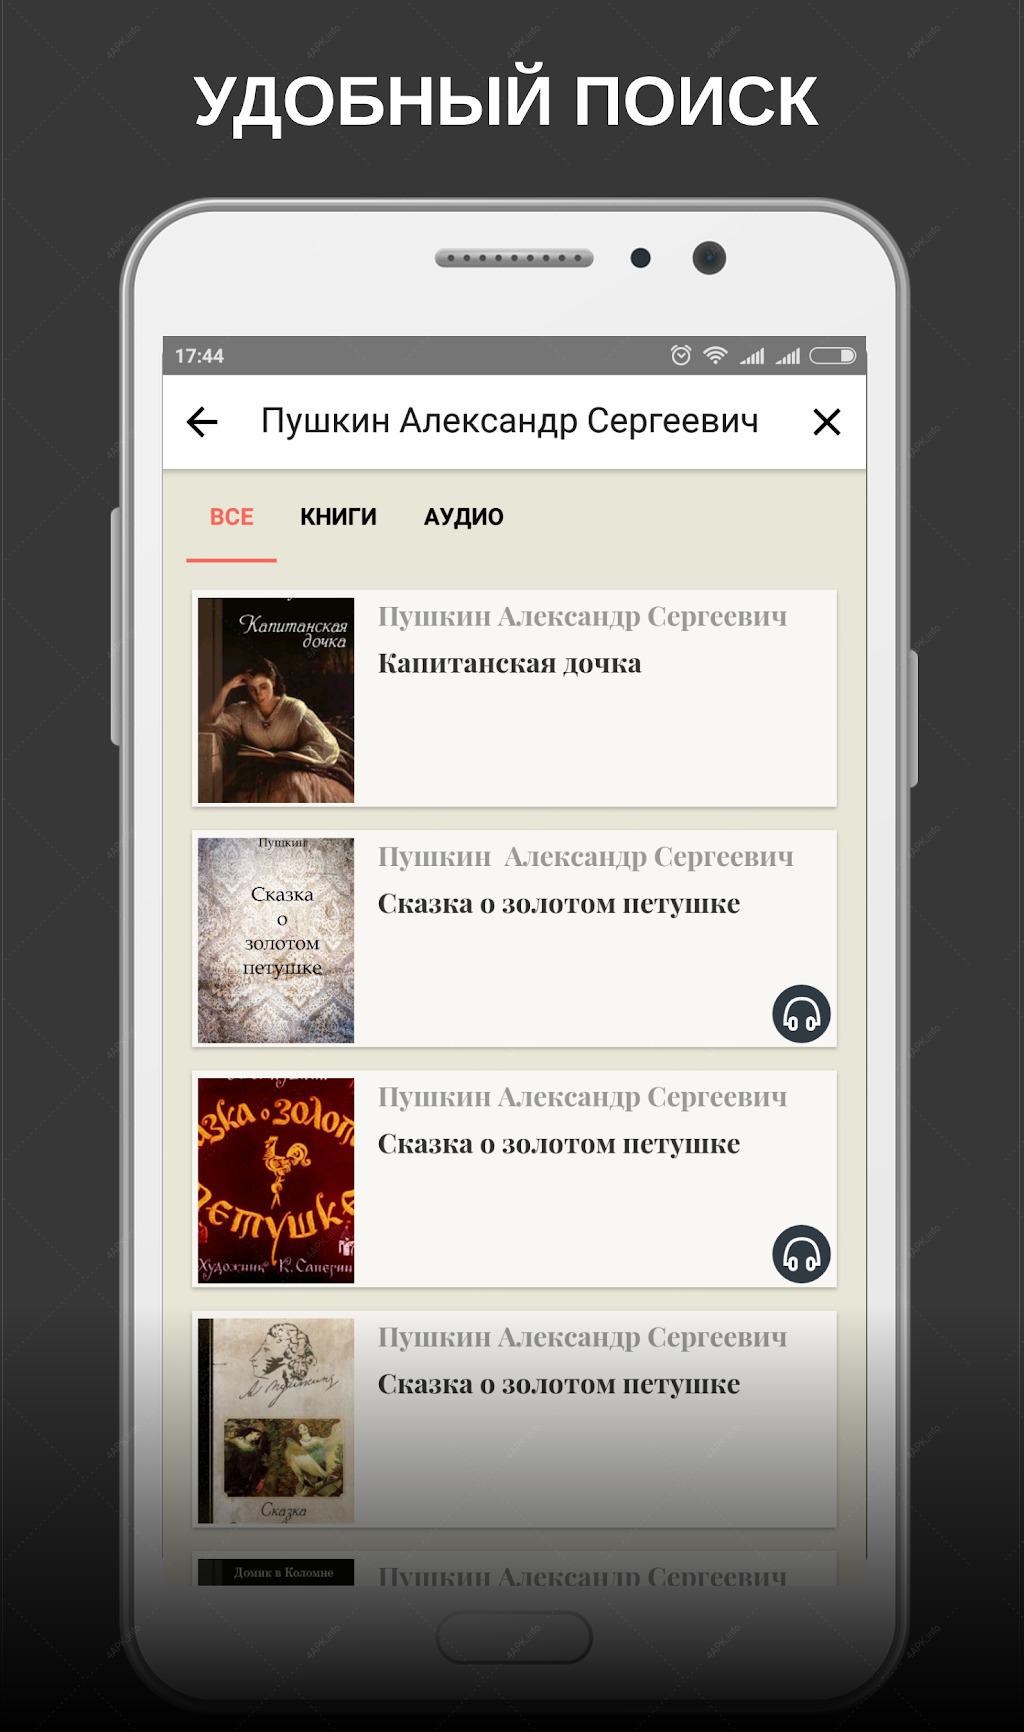 Приложение чтобы книги скачать бесплатно скачать приложение андроид клавиатура